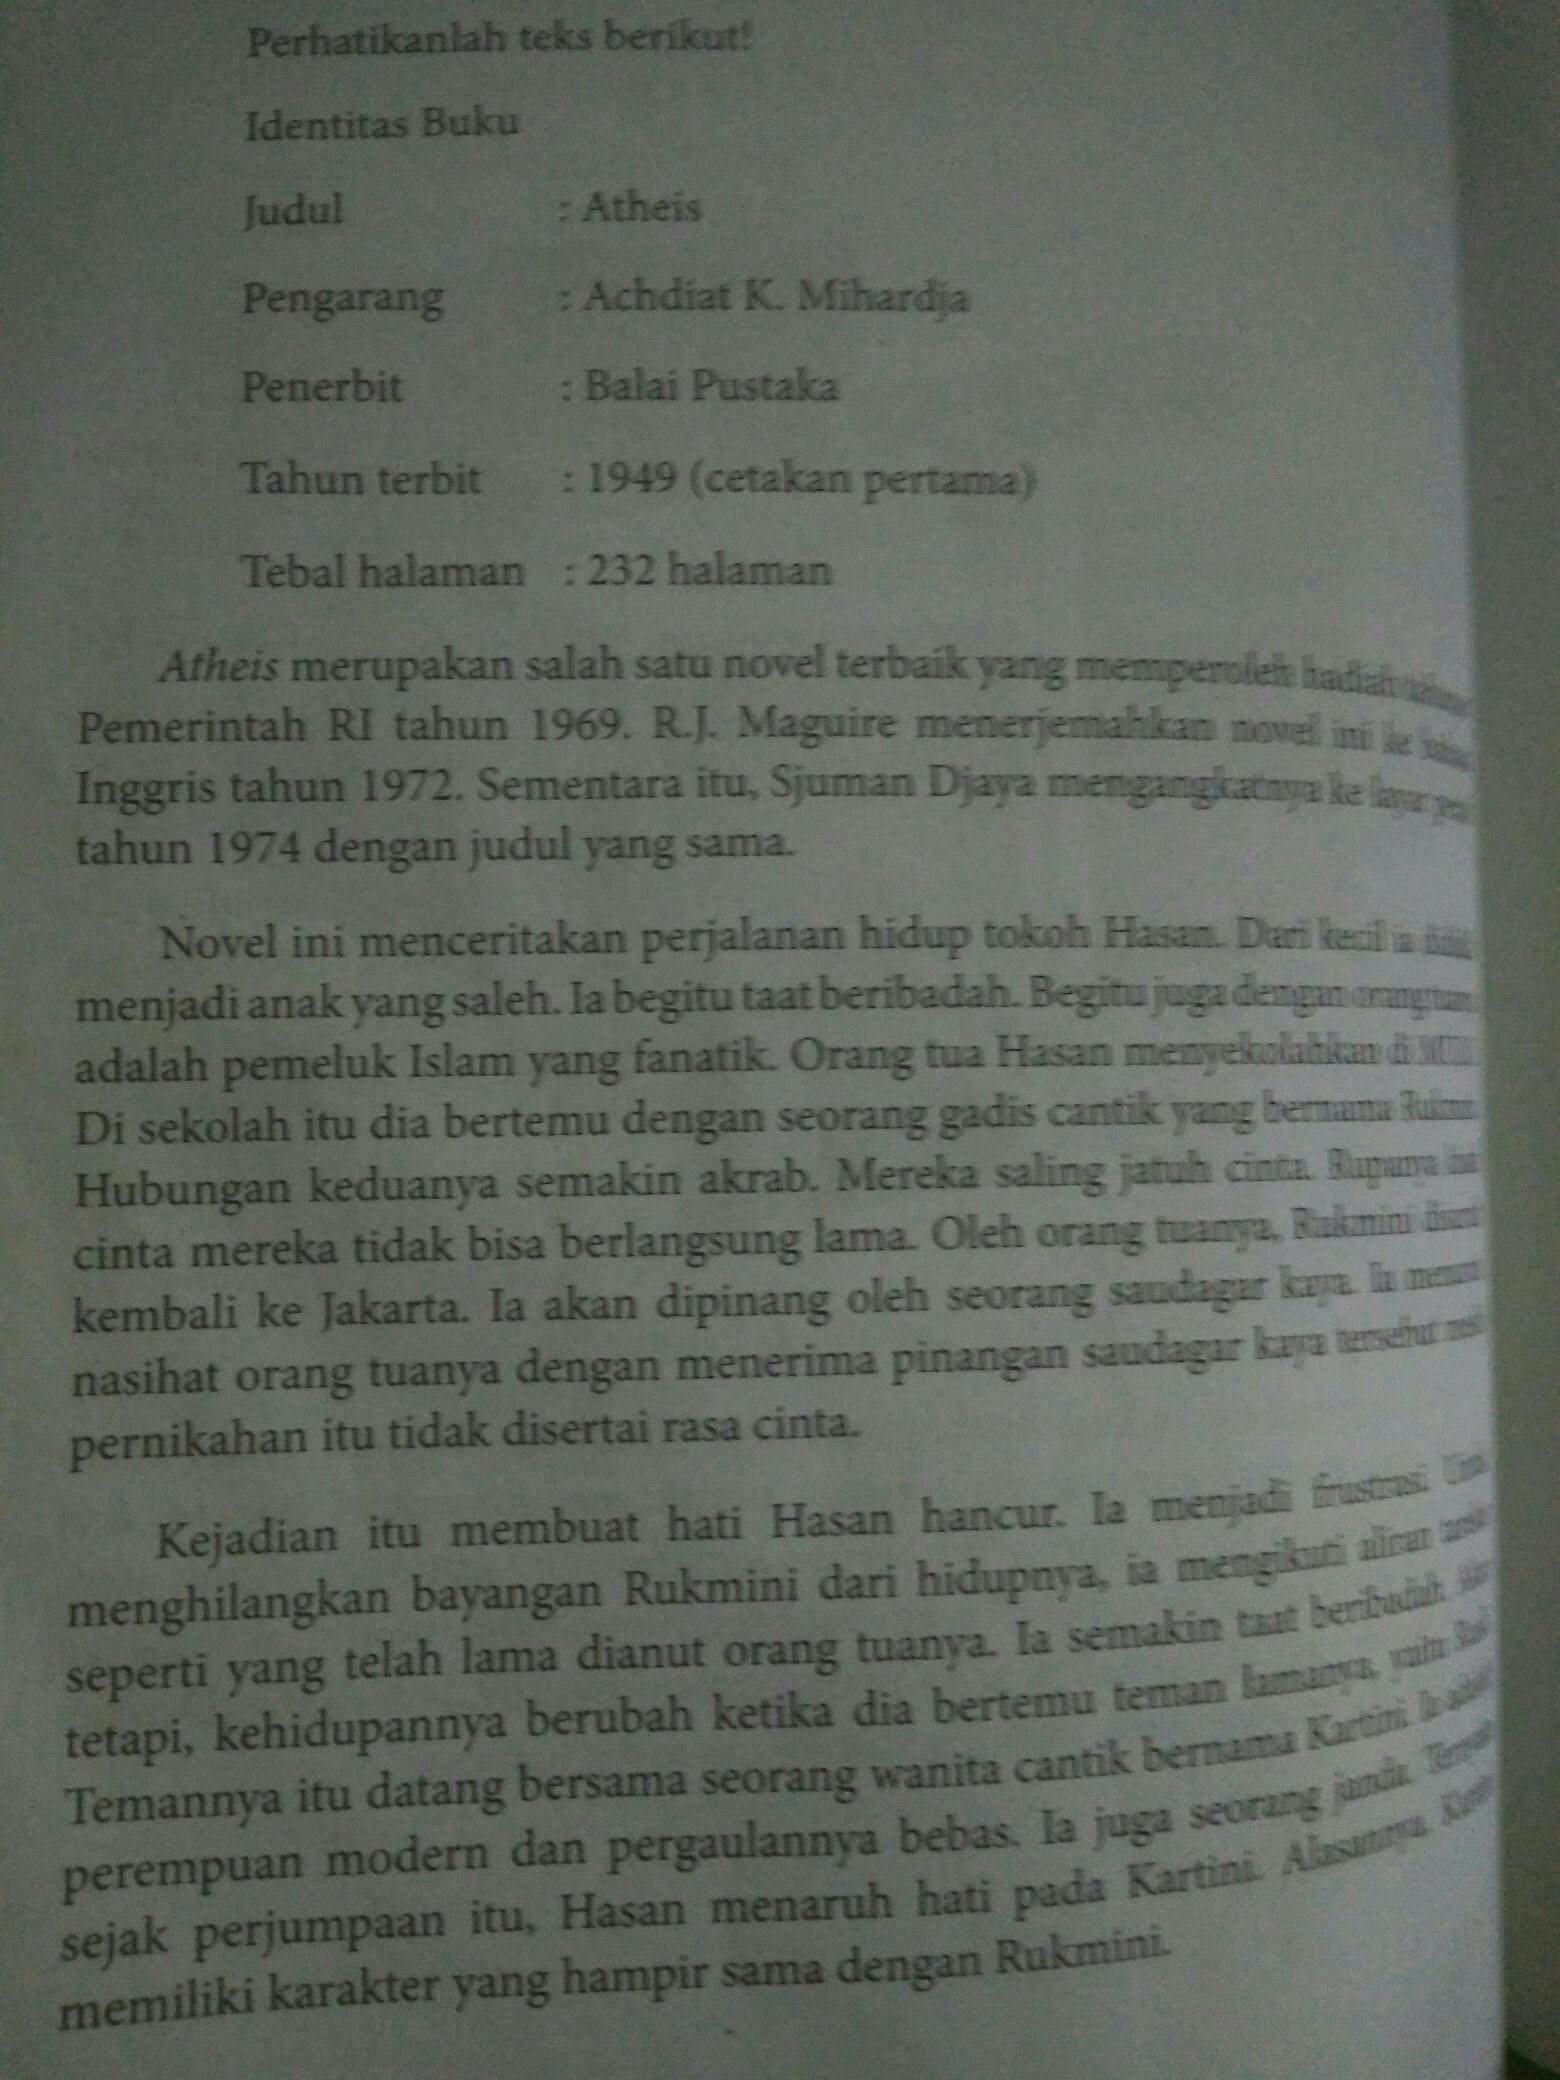 Contoh Novel Singkat : contoh, novel, singkat, Novel, Singkat, Dengan, Identitas, Buku,, Orientasi,, Sinopsis,analisis,eveluasi, Brainly.co.id